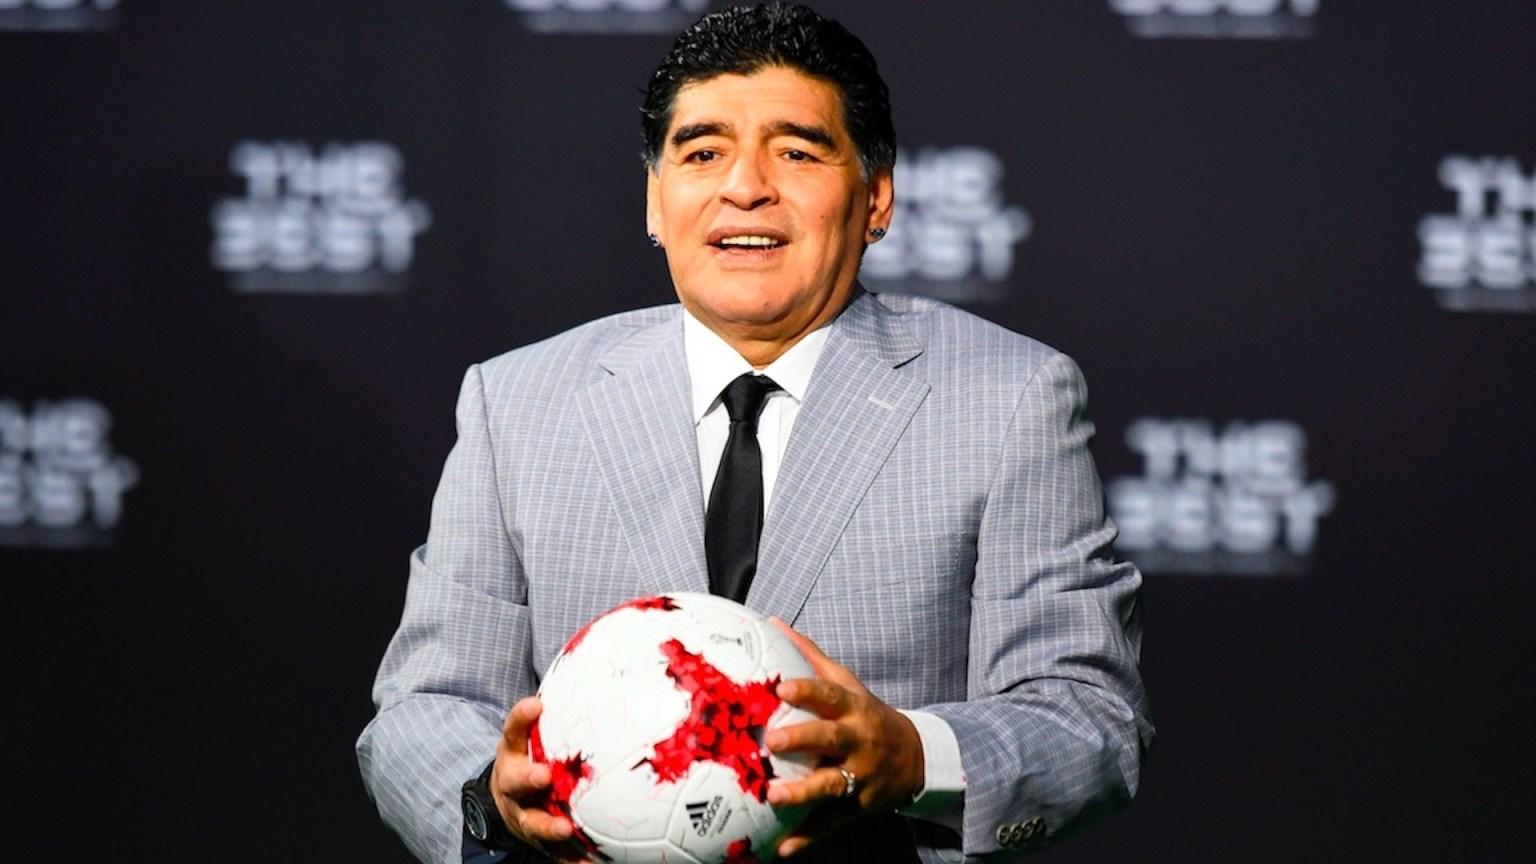 Médico personal falsificó firma de Maradona, arroja peritaje judicial